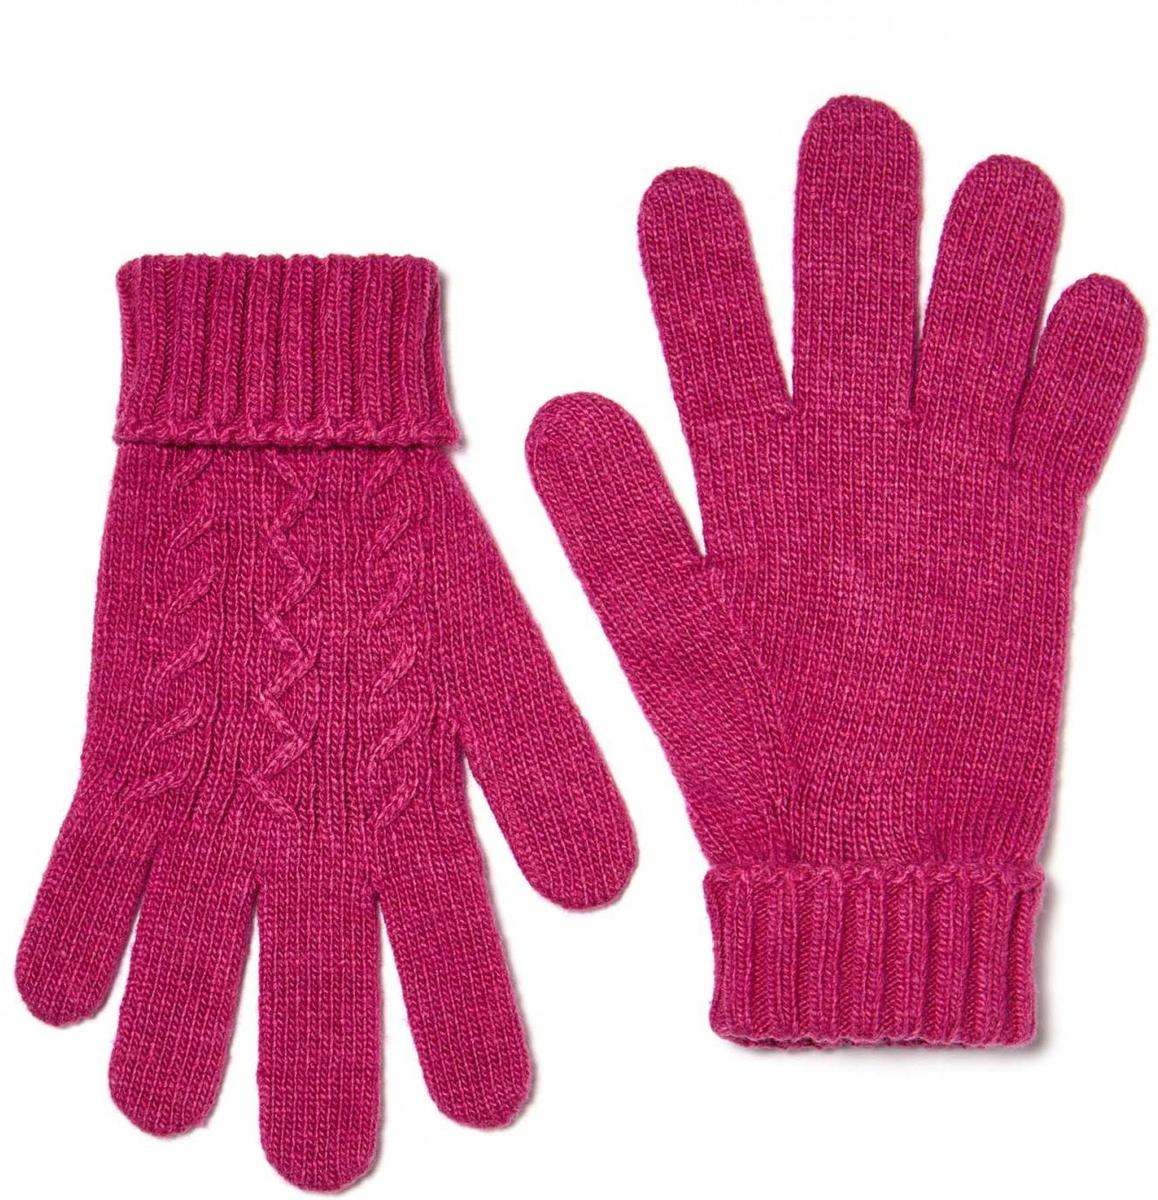 Перчатки для девочки United Colors of Benetton, цвет: розовый. 1232C0186_74Y. Размер 61232C0186_74YВязаные перчатки для девочки идеально подойдут вашей моднице для прогулок в прохладное время года. Изготовленные из нити смешанного состава, они мягкие и приятные на ощупь, позволяют коже дышать, не раздражают нежную кожу ребенка, обеспечивая наибольший комфорт, хорошо сохраняют тепло. Перчатки дополнены широкими манжетами, не стягивающими запястья и надежно фиксирующими их на руках.Такие комфортные перчатки позволят ребенку долго находиться на прогулке. Незаменимая вещь в холодную погоду!